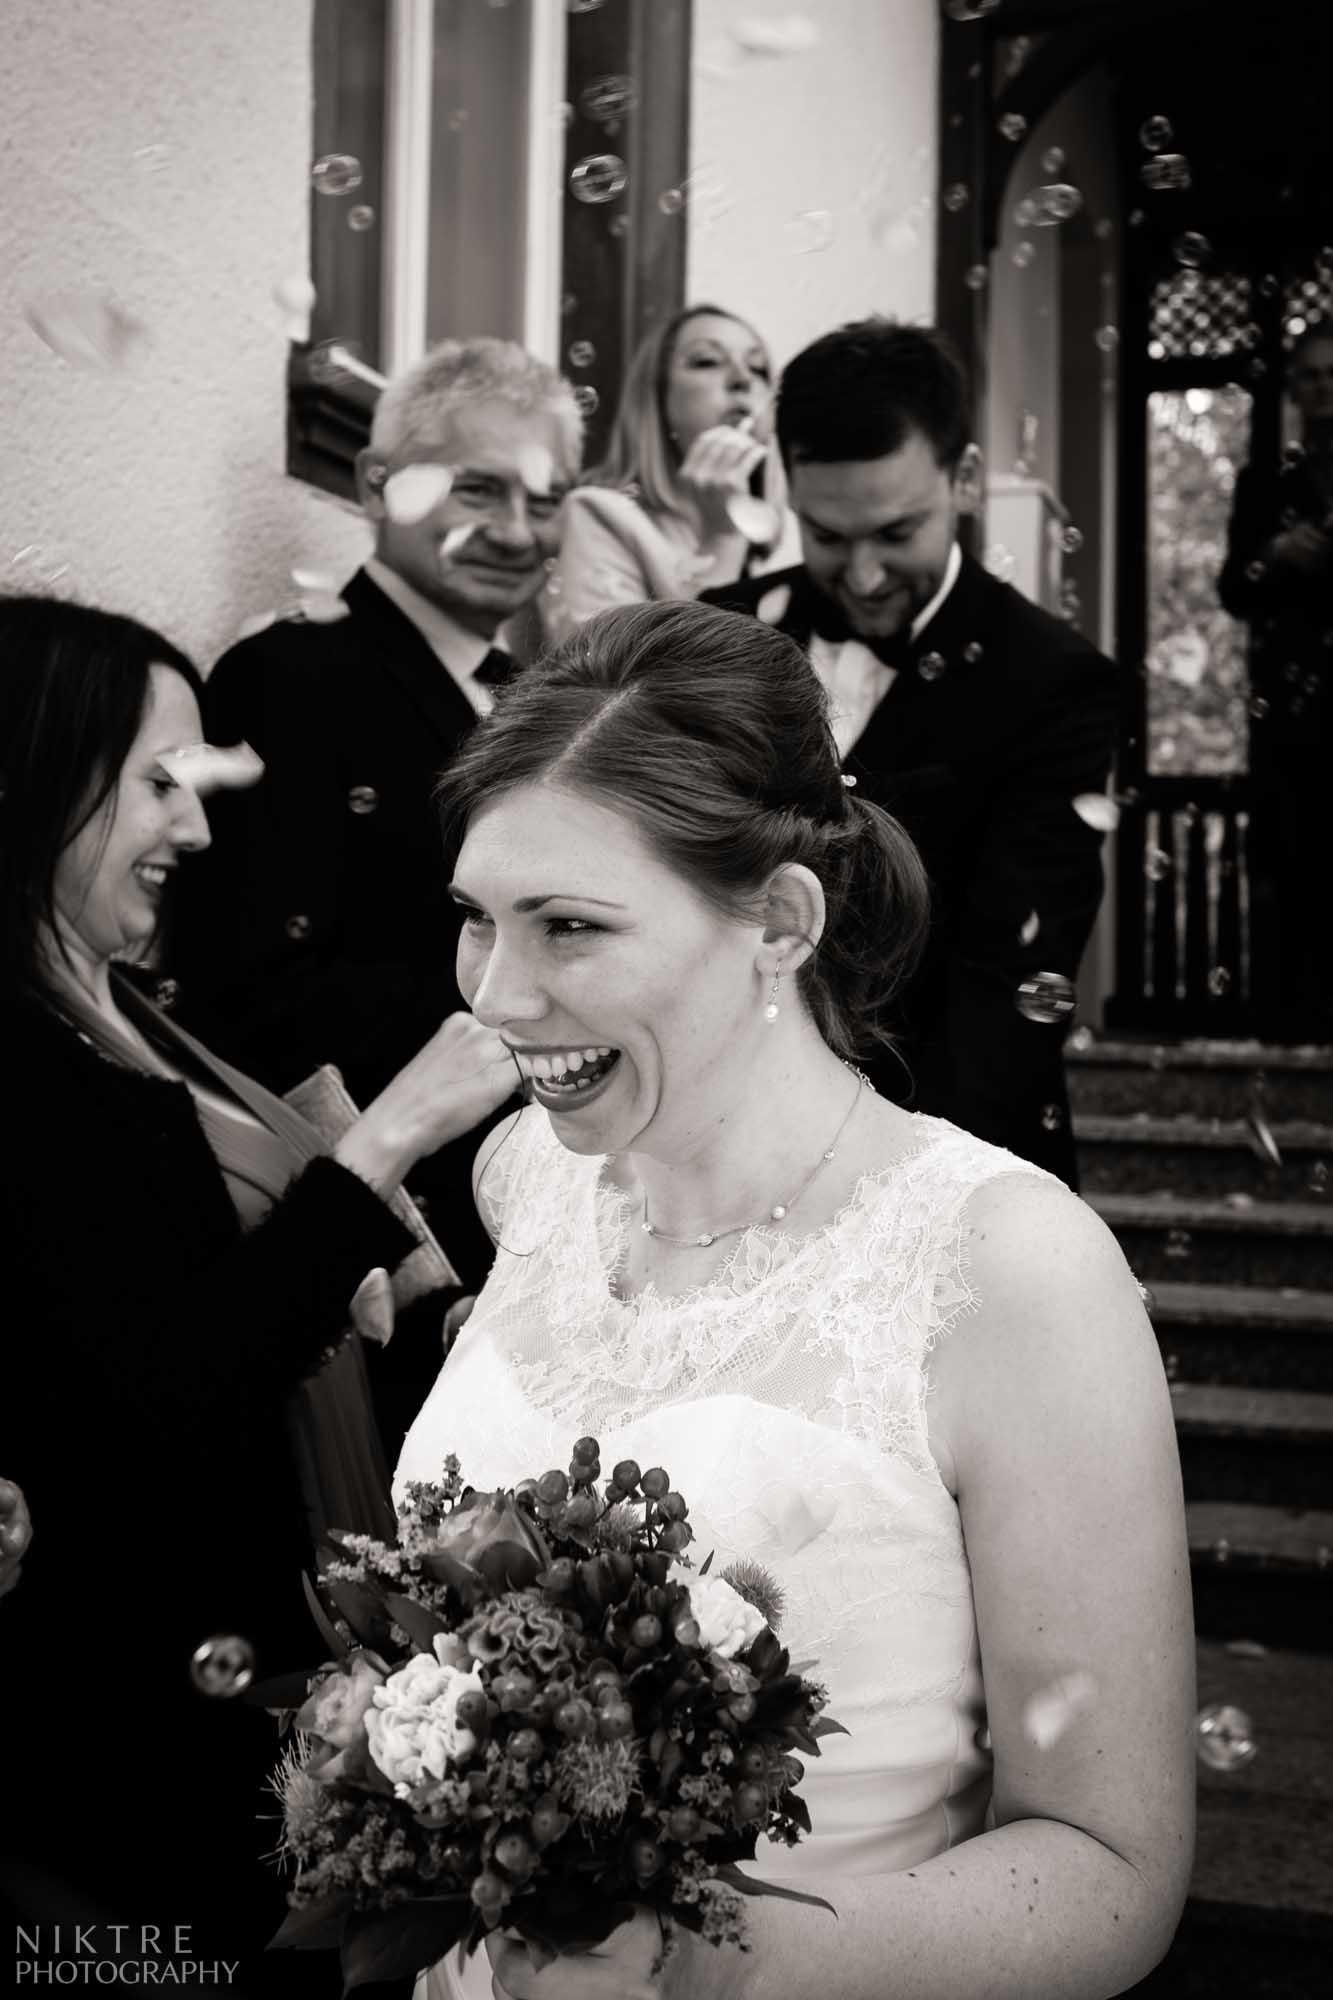 Hochzeitsreportage zeigt Emotionen der Braut